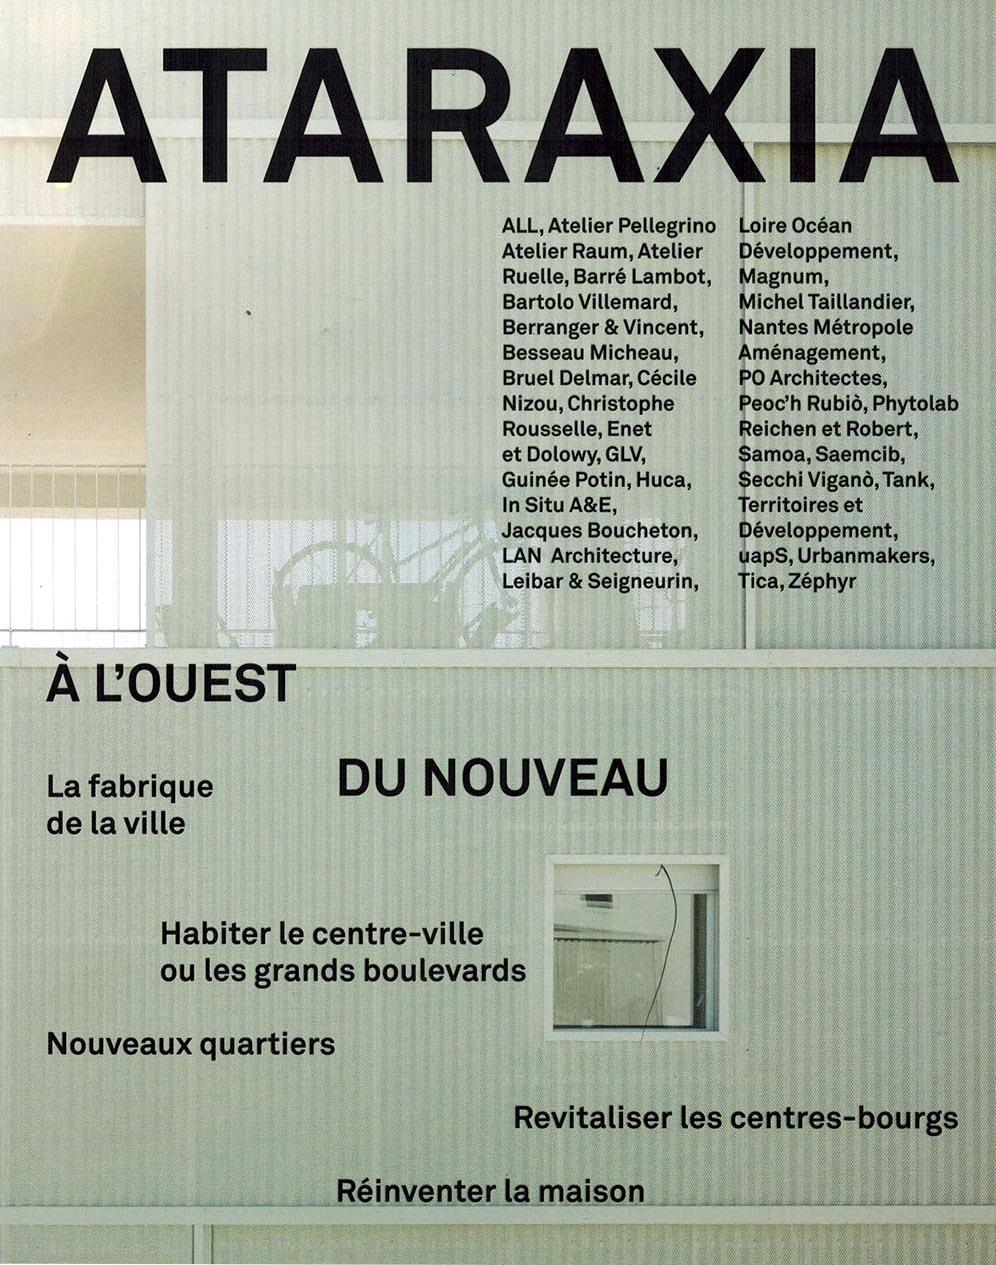 Cécile Nizou - Publication Ataraxia  (1)